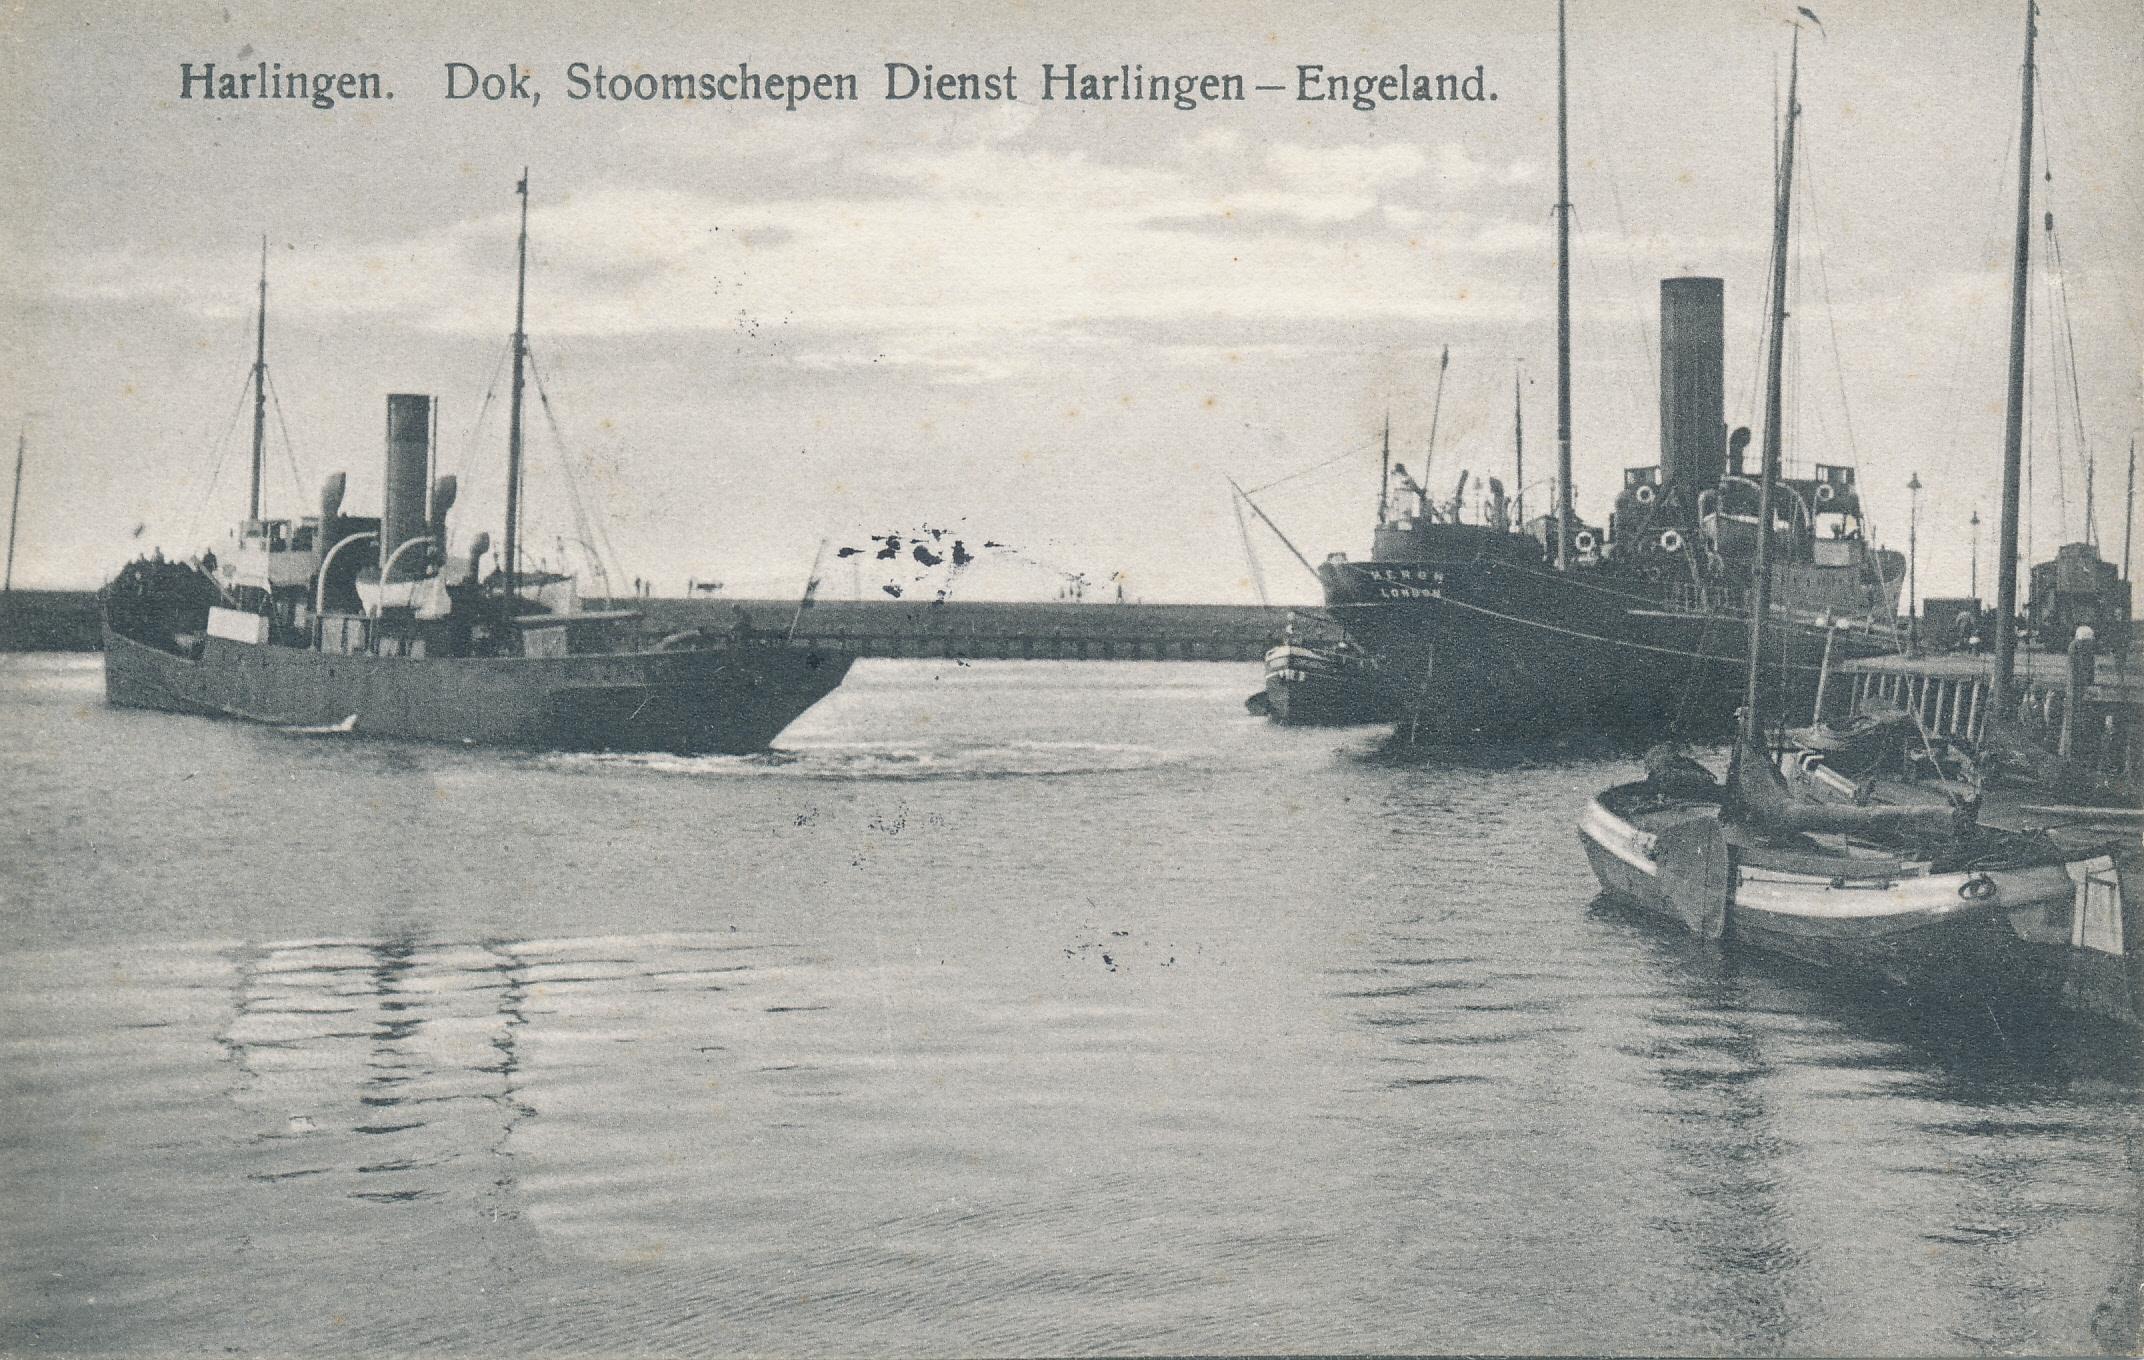 Harlingen Dokje. De Stoomschependienst Harlingen-Engeland.